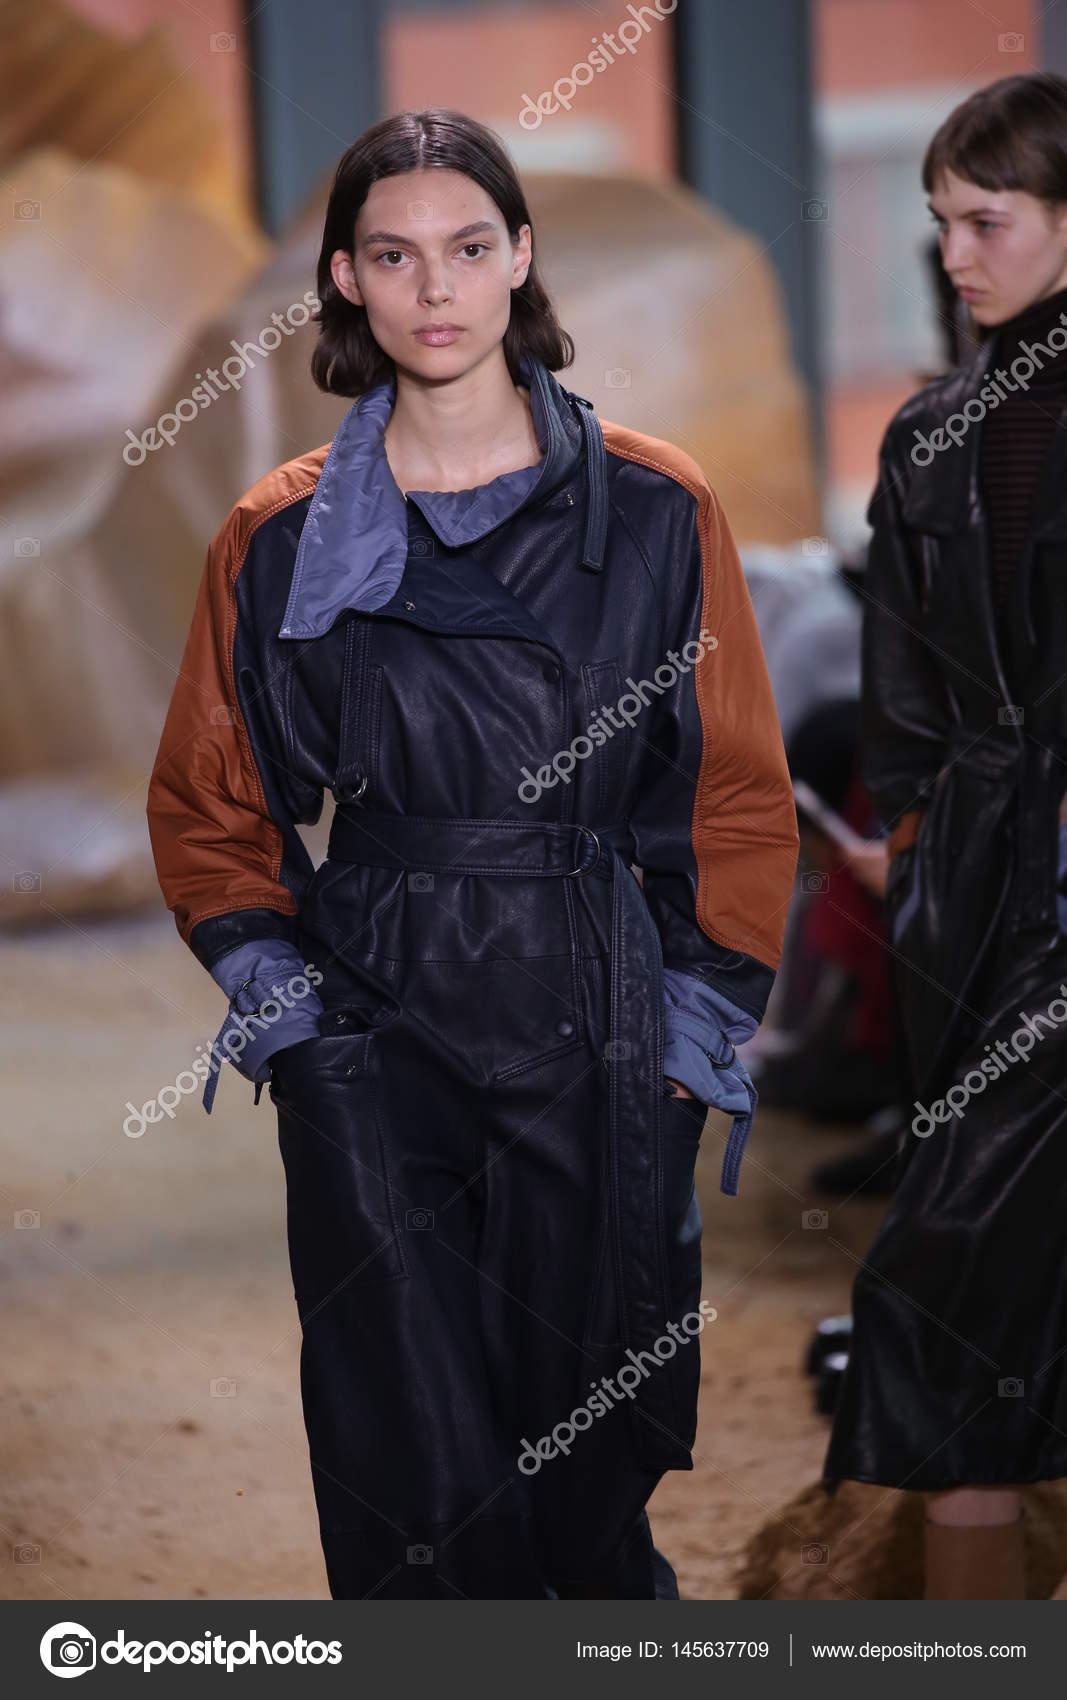 c8a2e168f3 New York, Ny - 11 février : Un modèle promenades la piste à Lacoste montrer  pendant la Fashion Week de New York sur 11 février 2017 à New York City —  Image ...